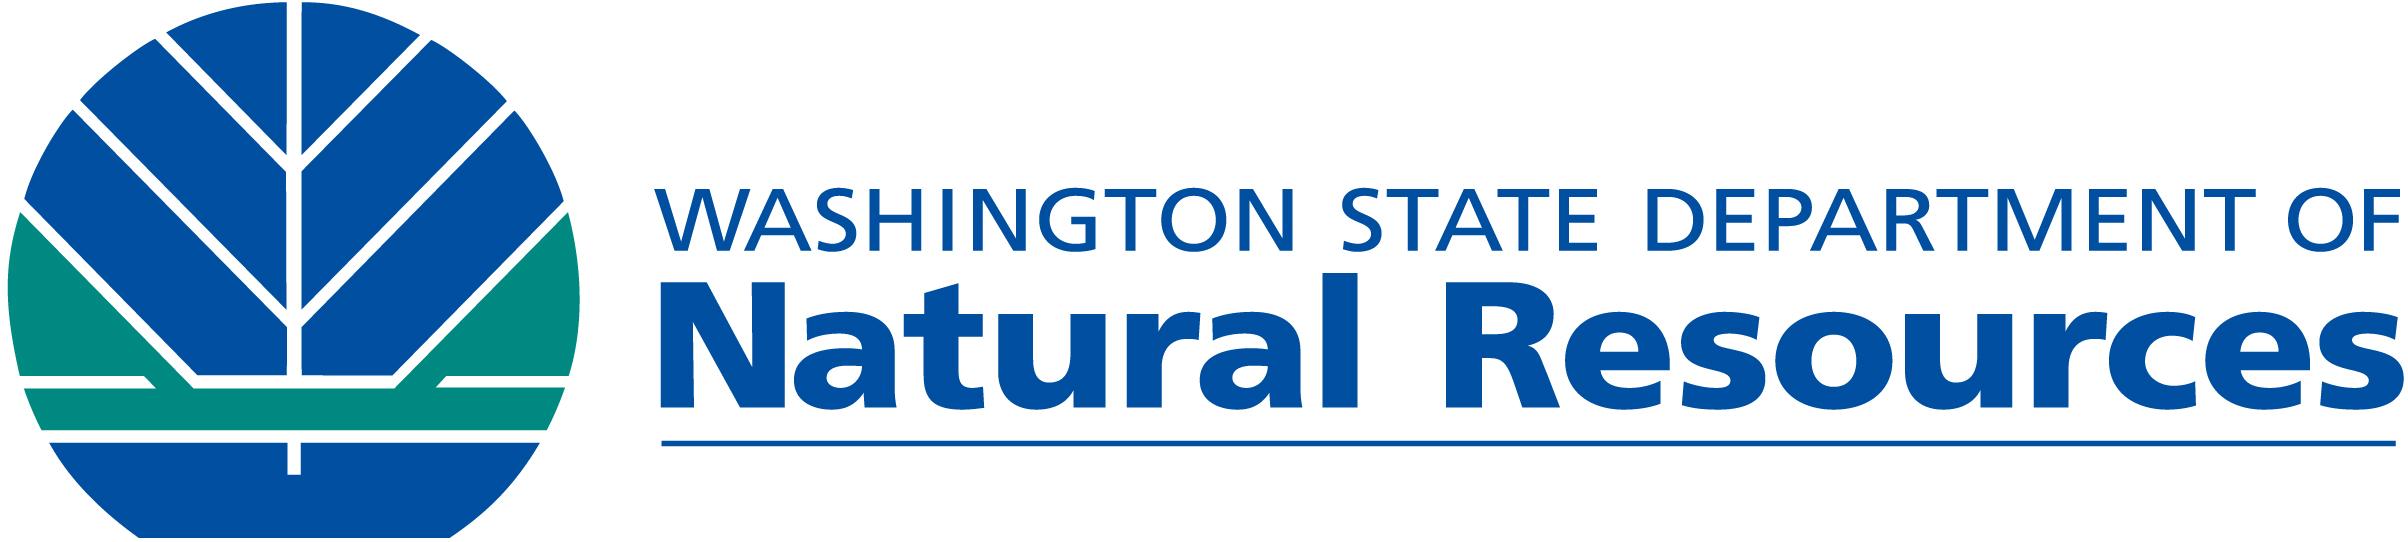 WA DNR logo